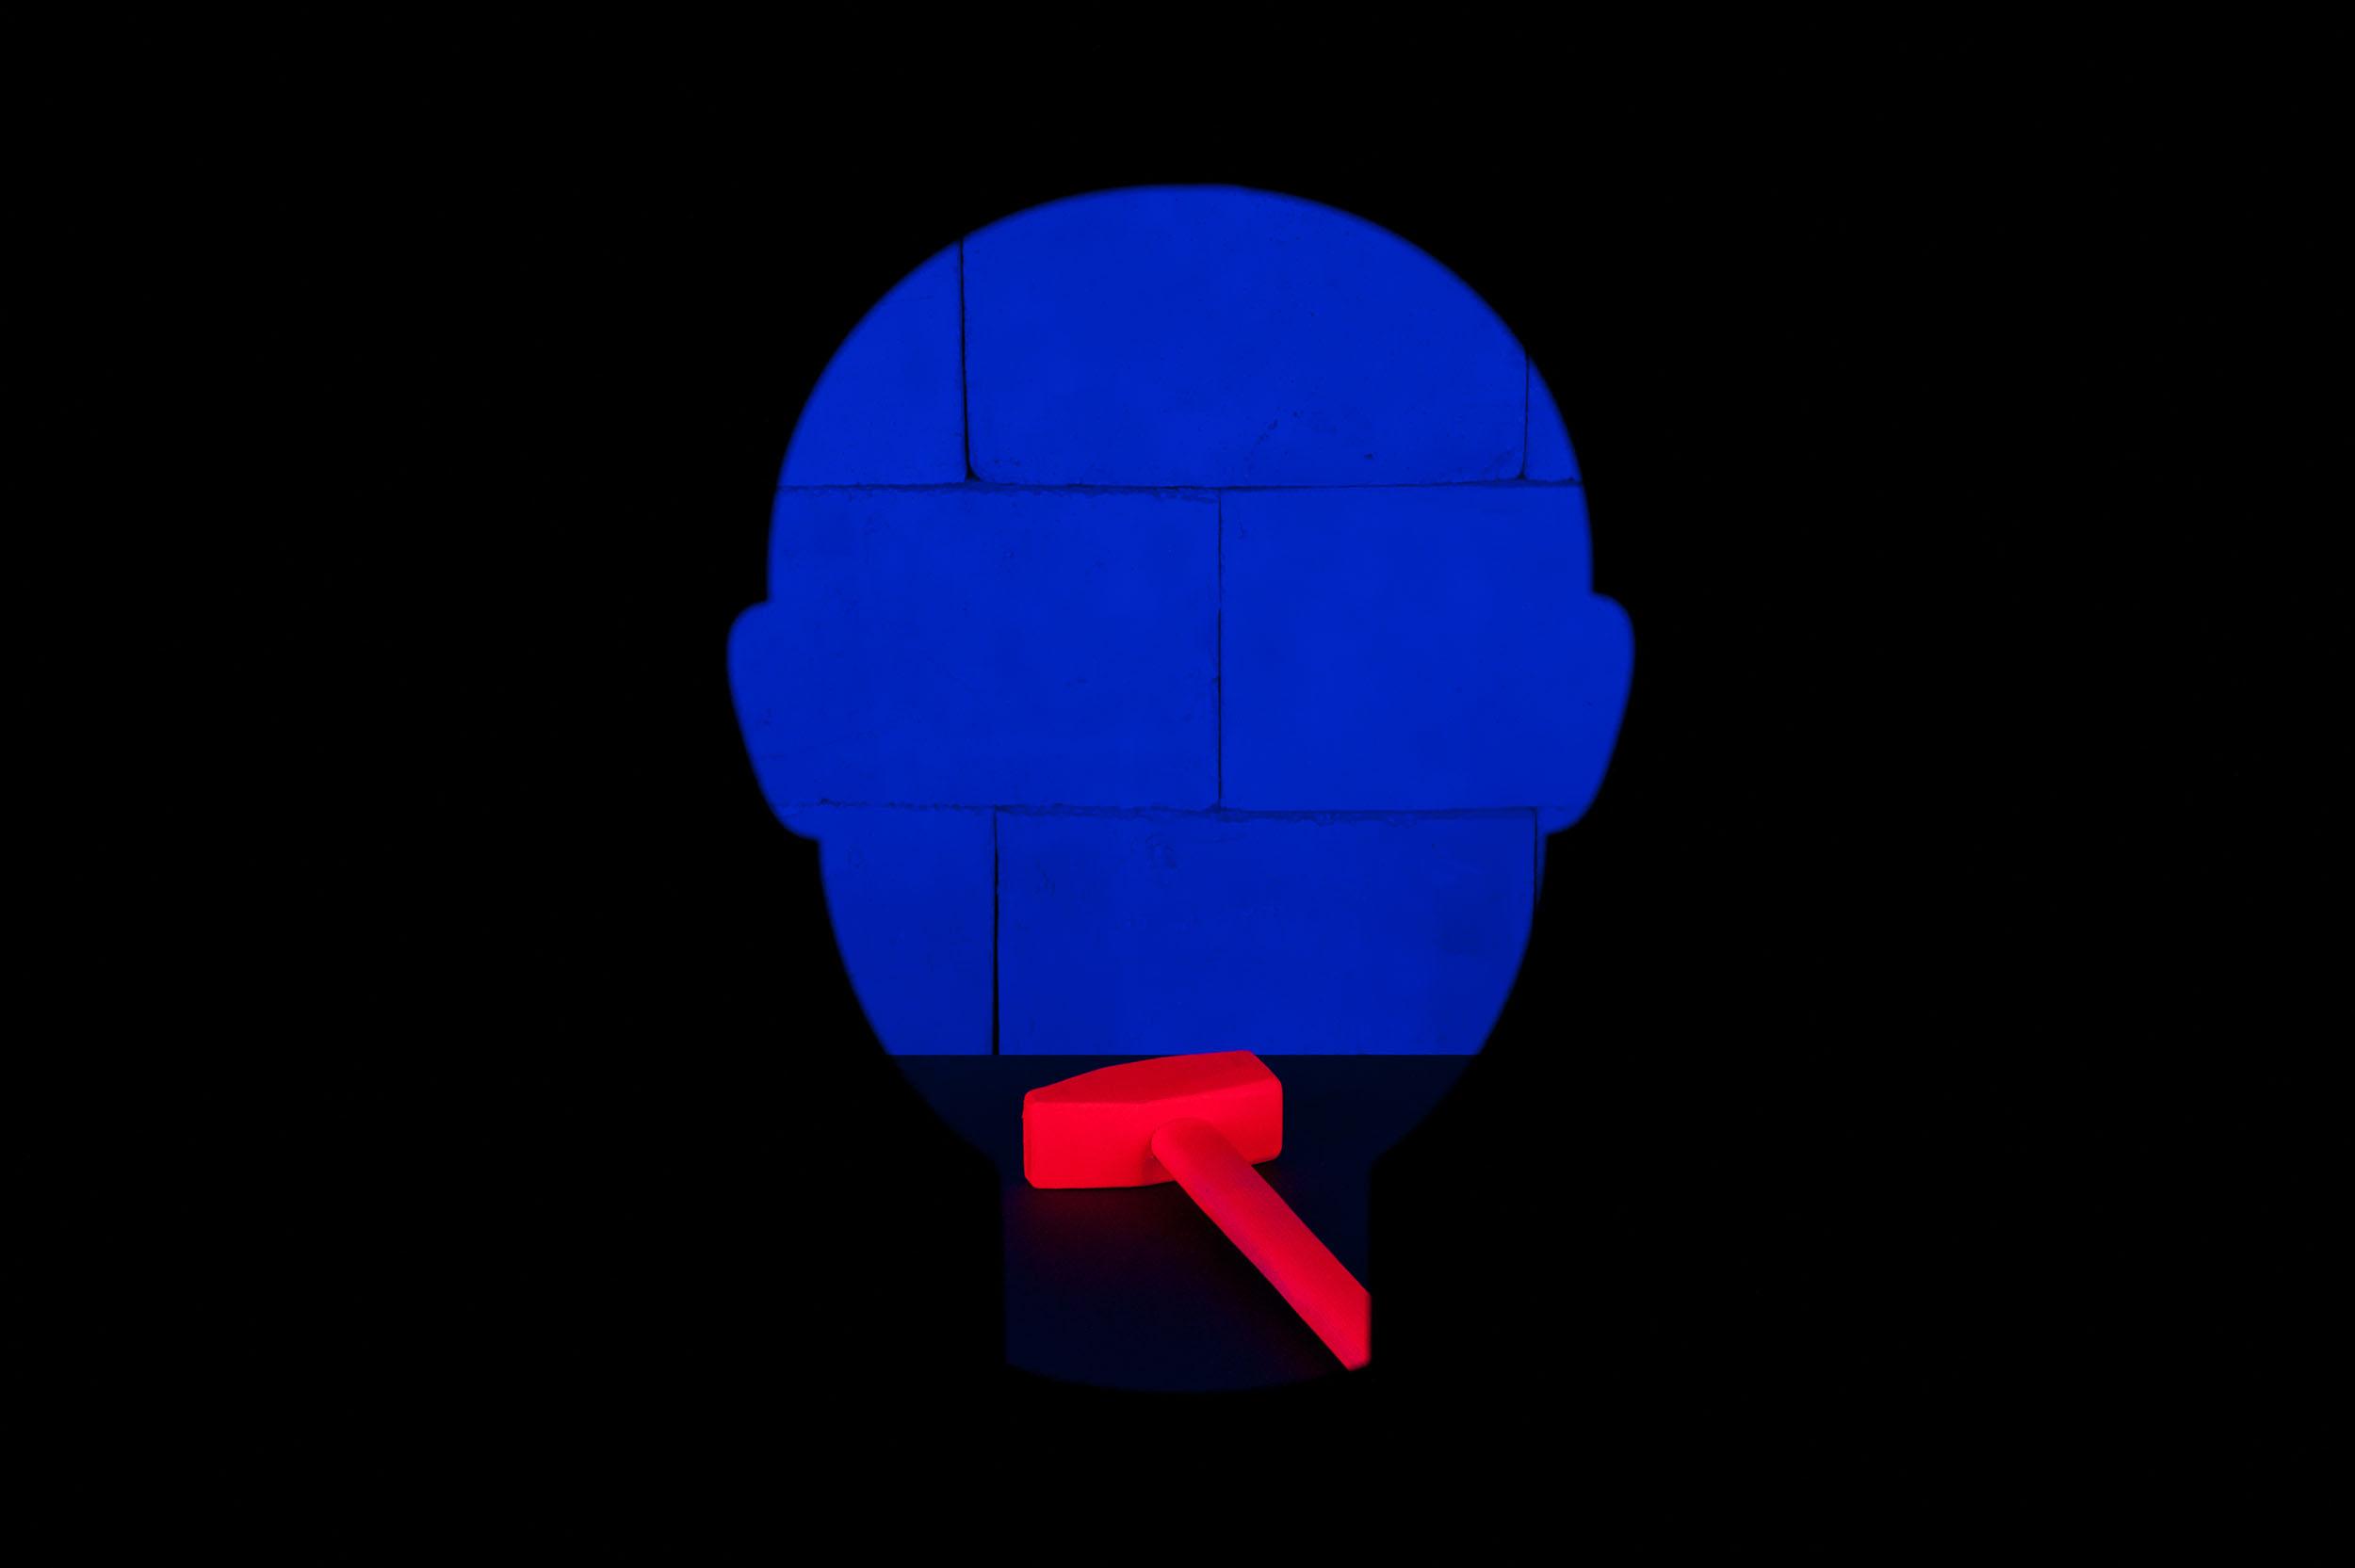 Orangefarbener Vorschlaghammer und blaue Mauer im Neonlicht, innerhalb kopfförmiger Silhouette